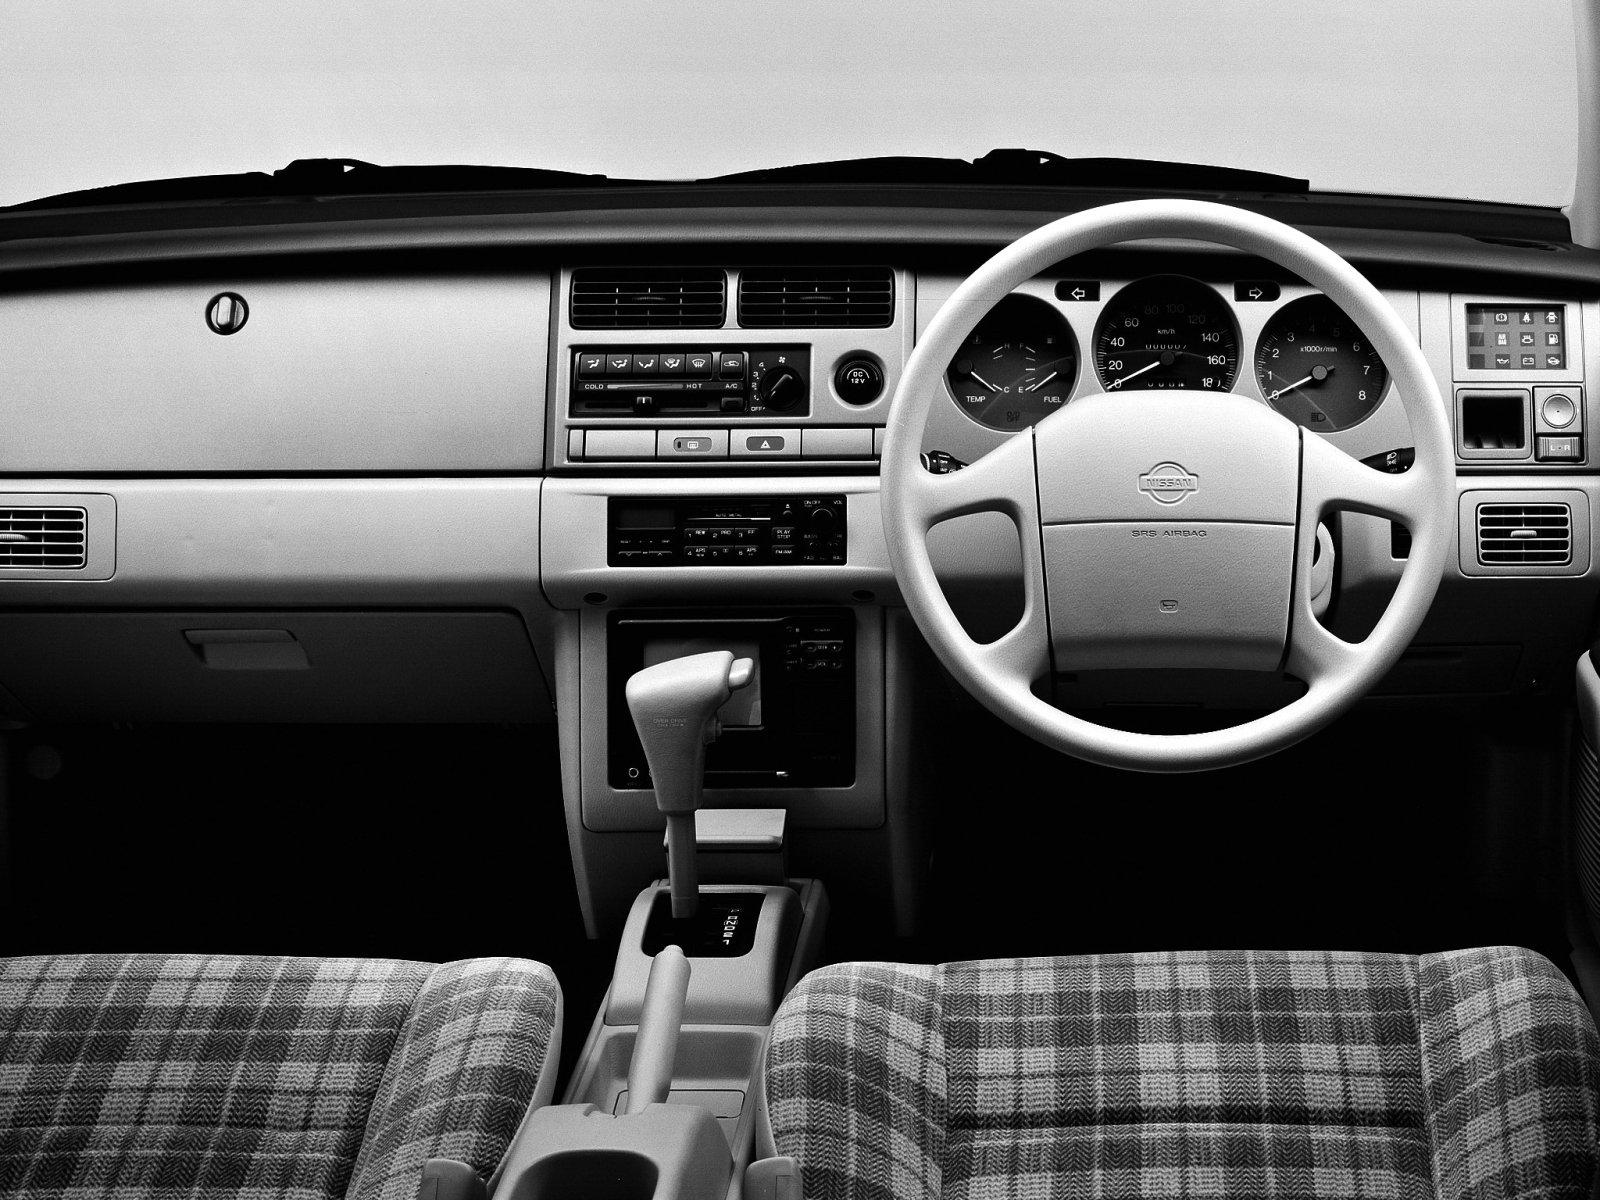 Nissan_Rasheen_SUV%205%20door_1994.jpg